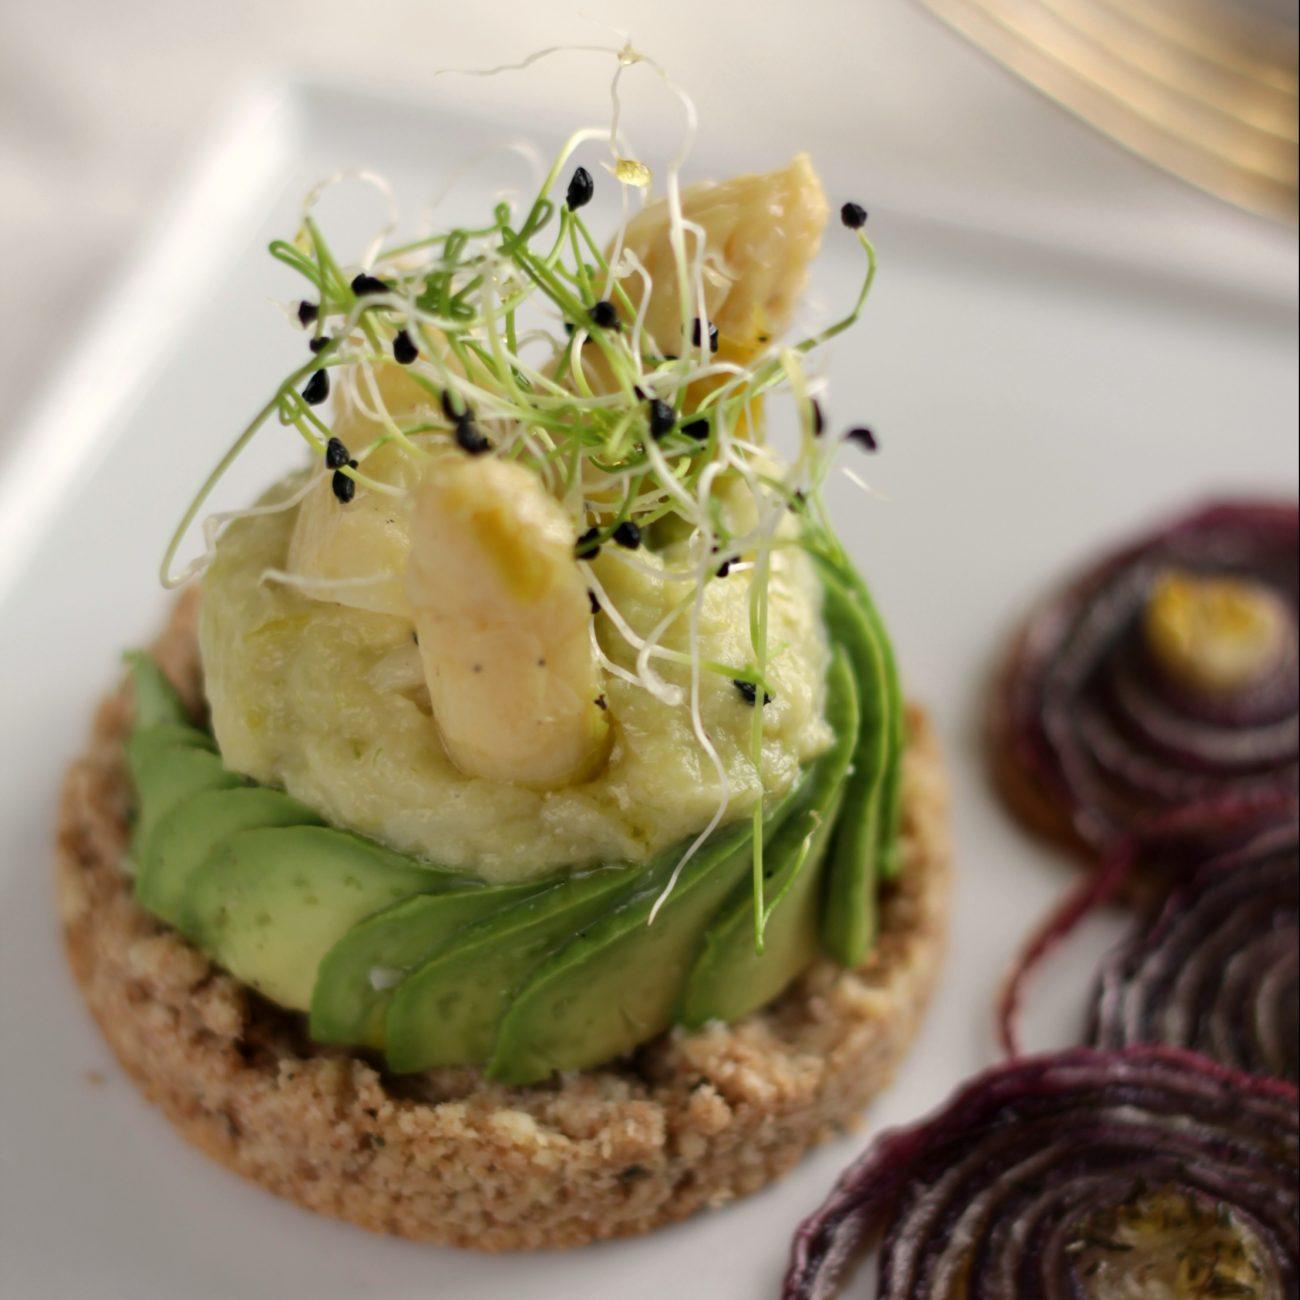 Frolla salata con avocado e asparagini bianchi